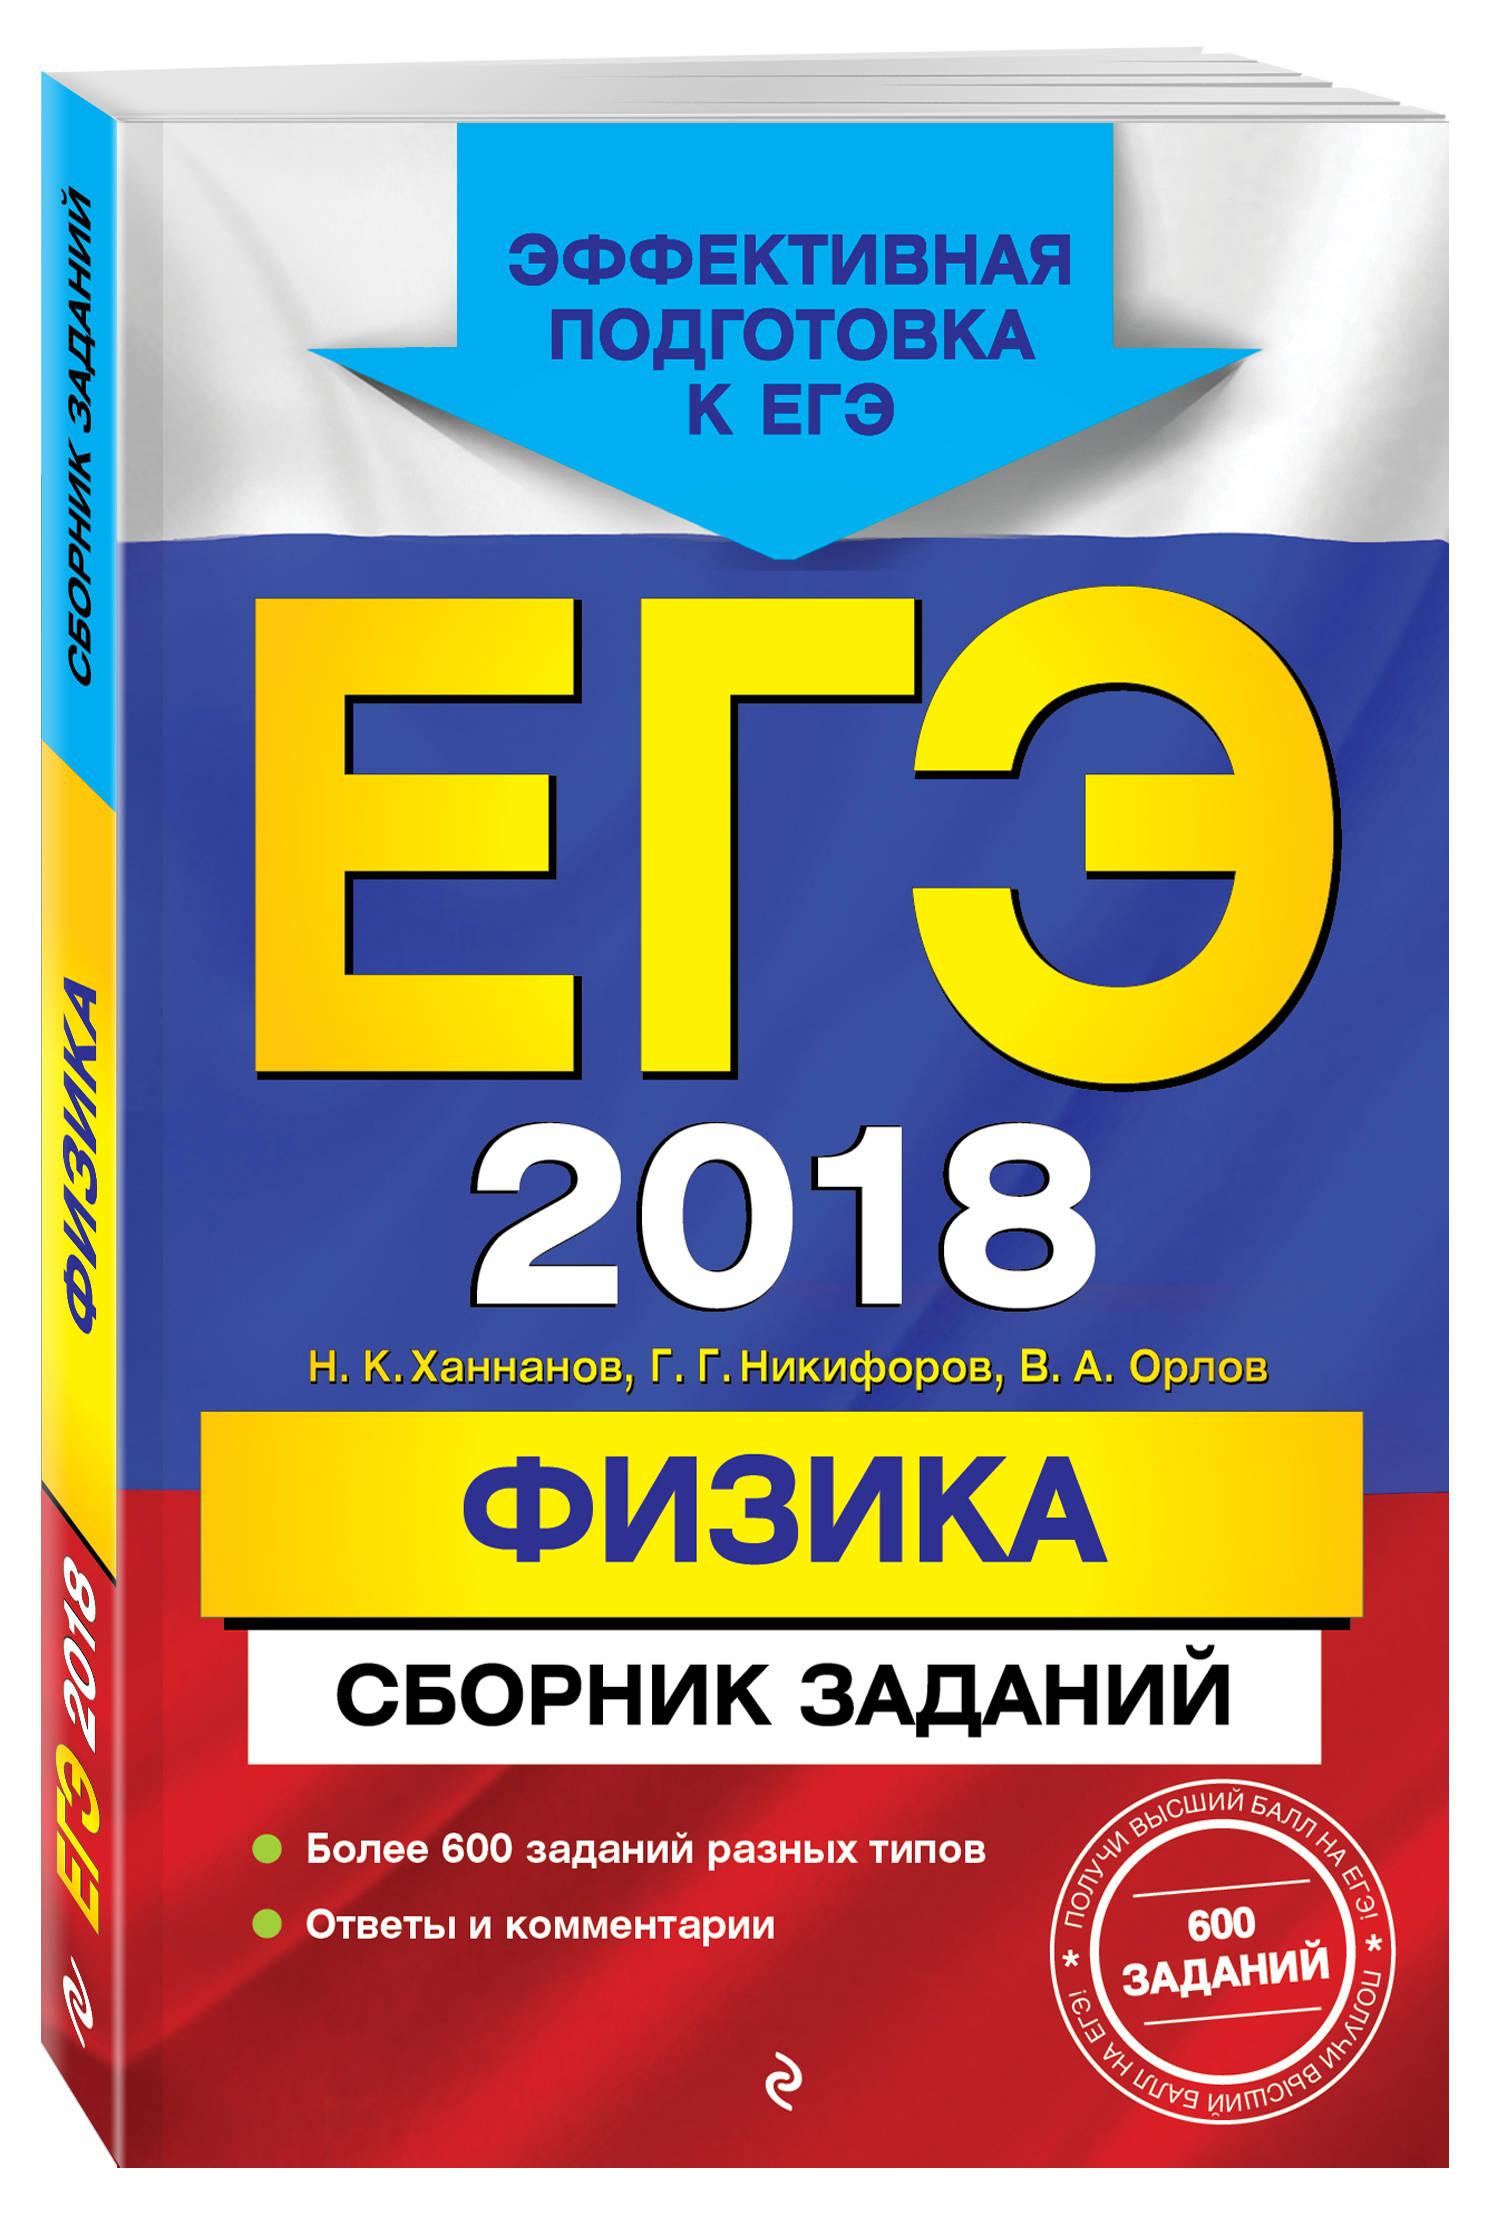 ЕГЭ-2018. Физика. Сборник заданий ( Ханнанов Н.К., Никифоров Г.Г., Орлов В.А.  )